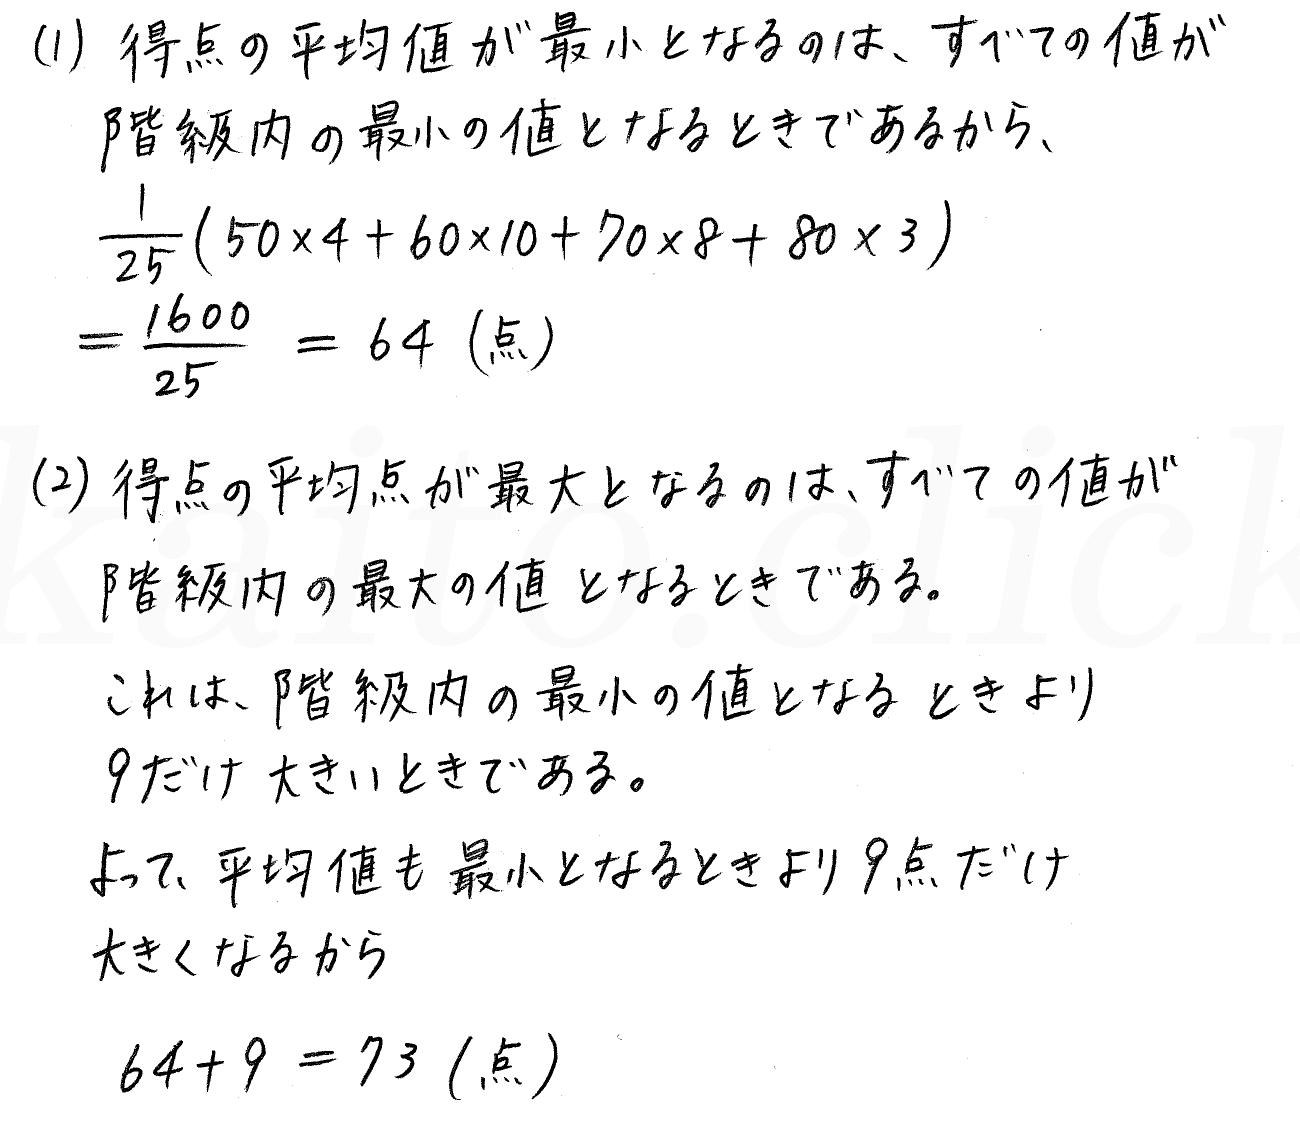 クリアー数学1-342解答